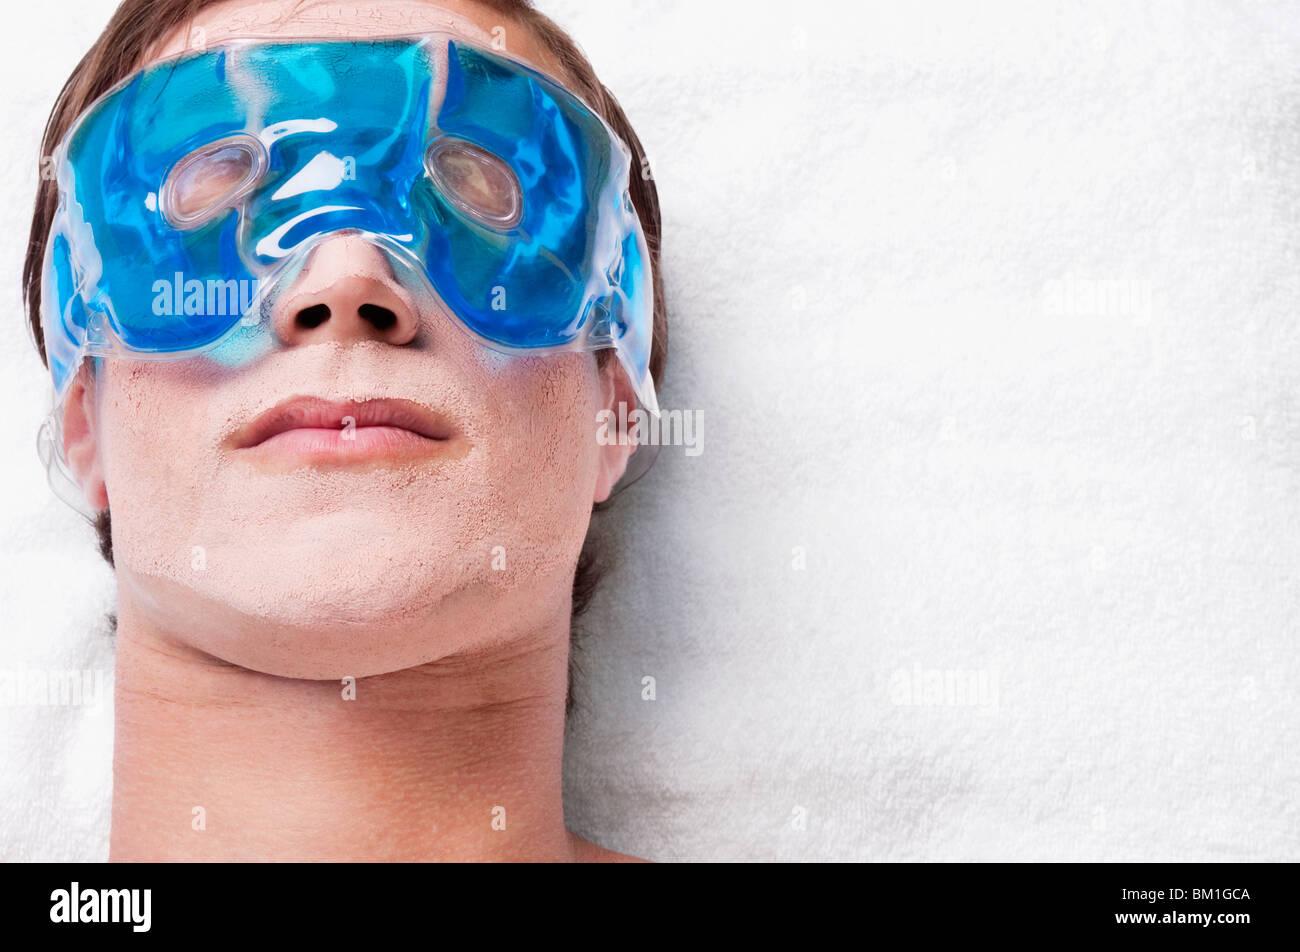 Hombre vestido con máscara de ojo Imagen De Stock